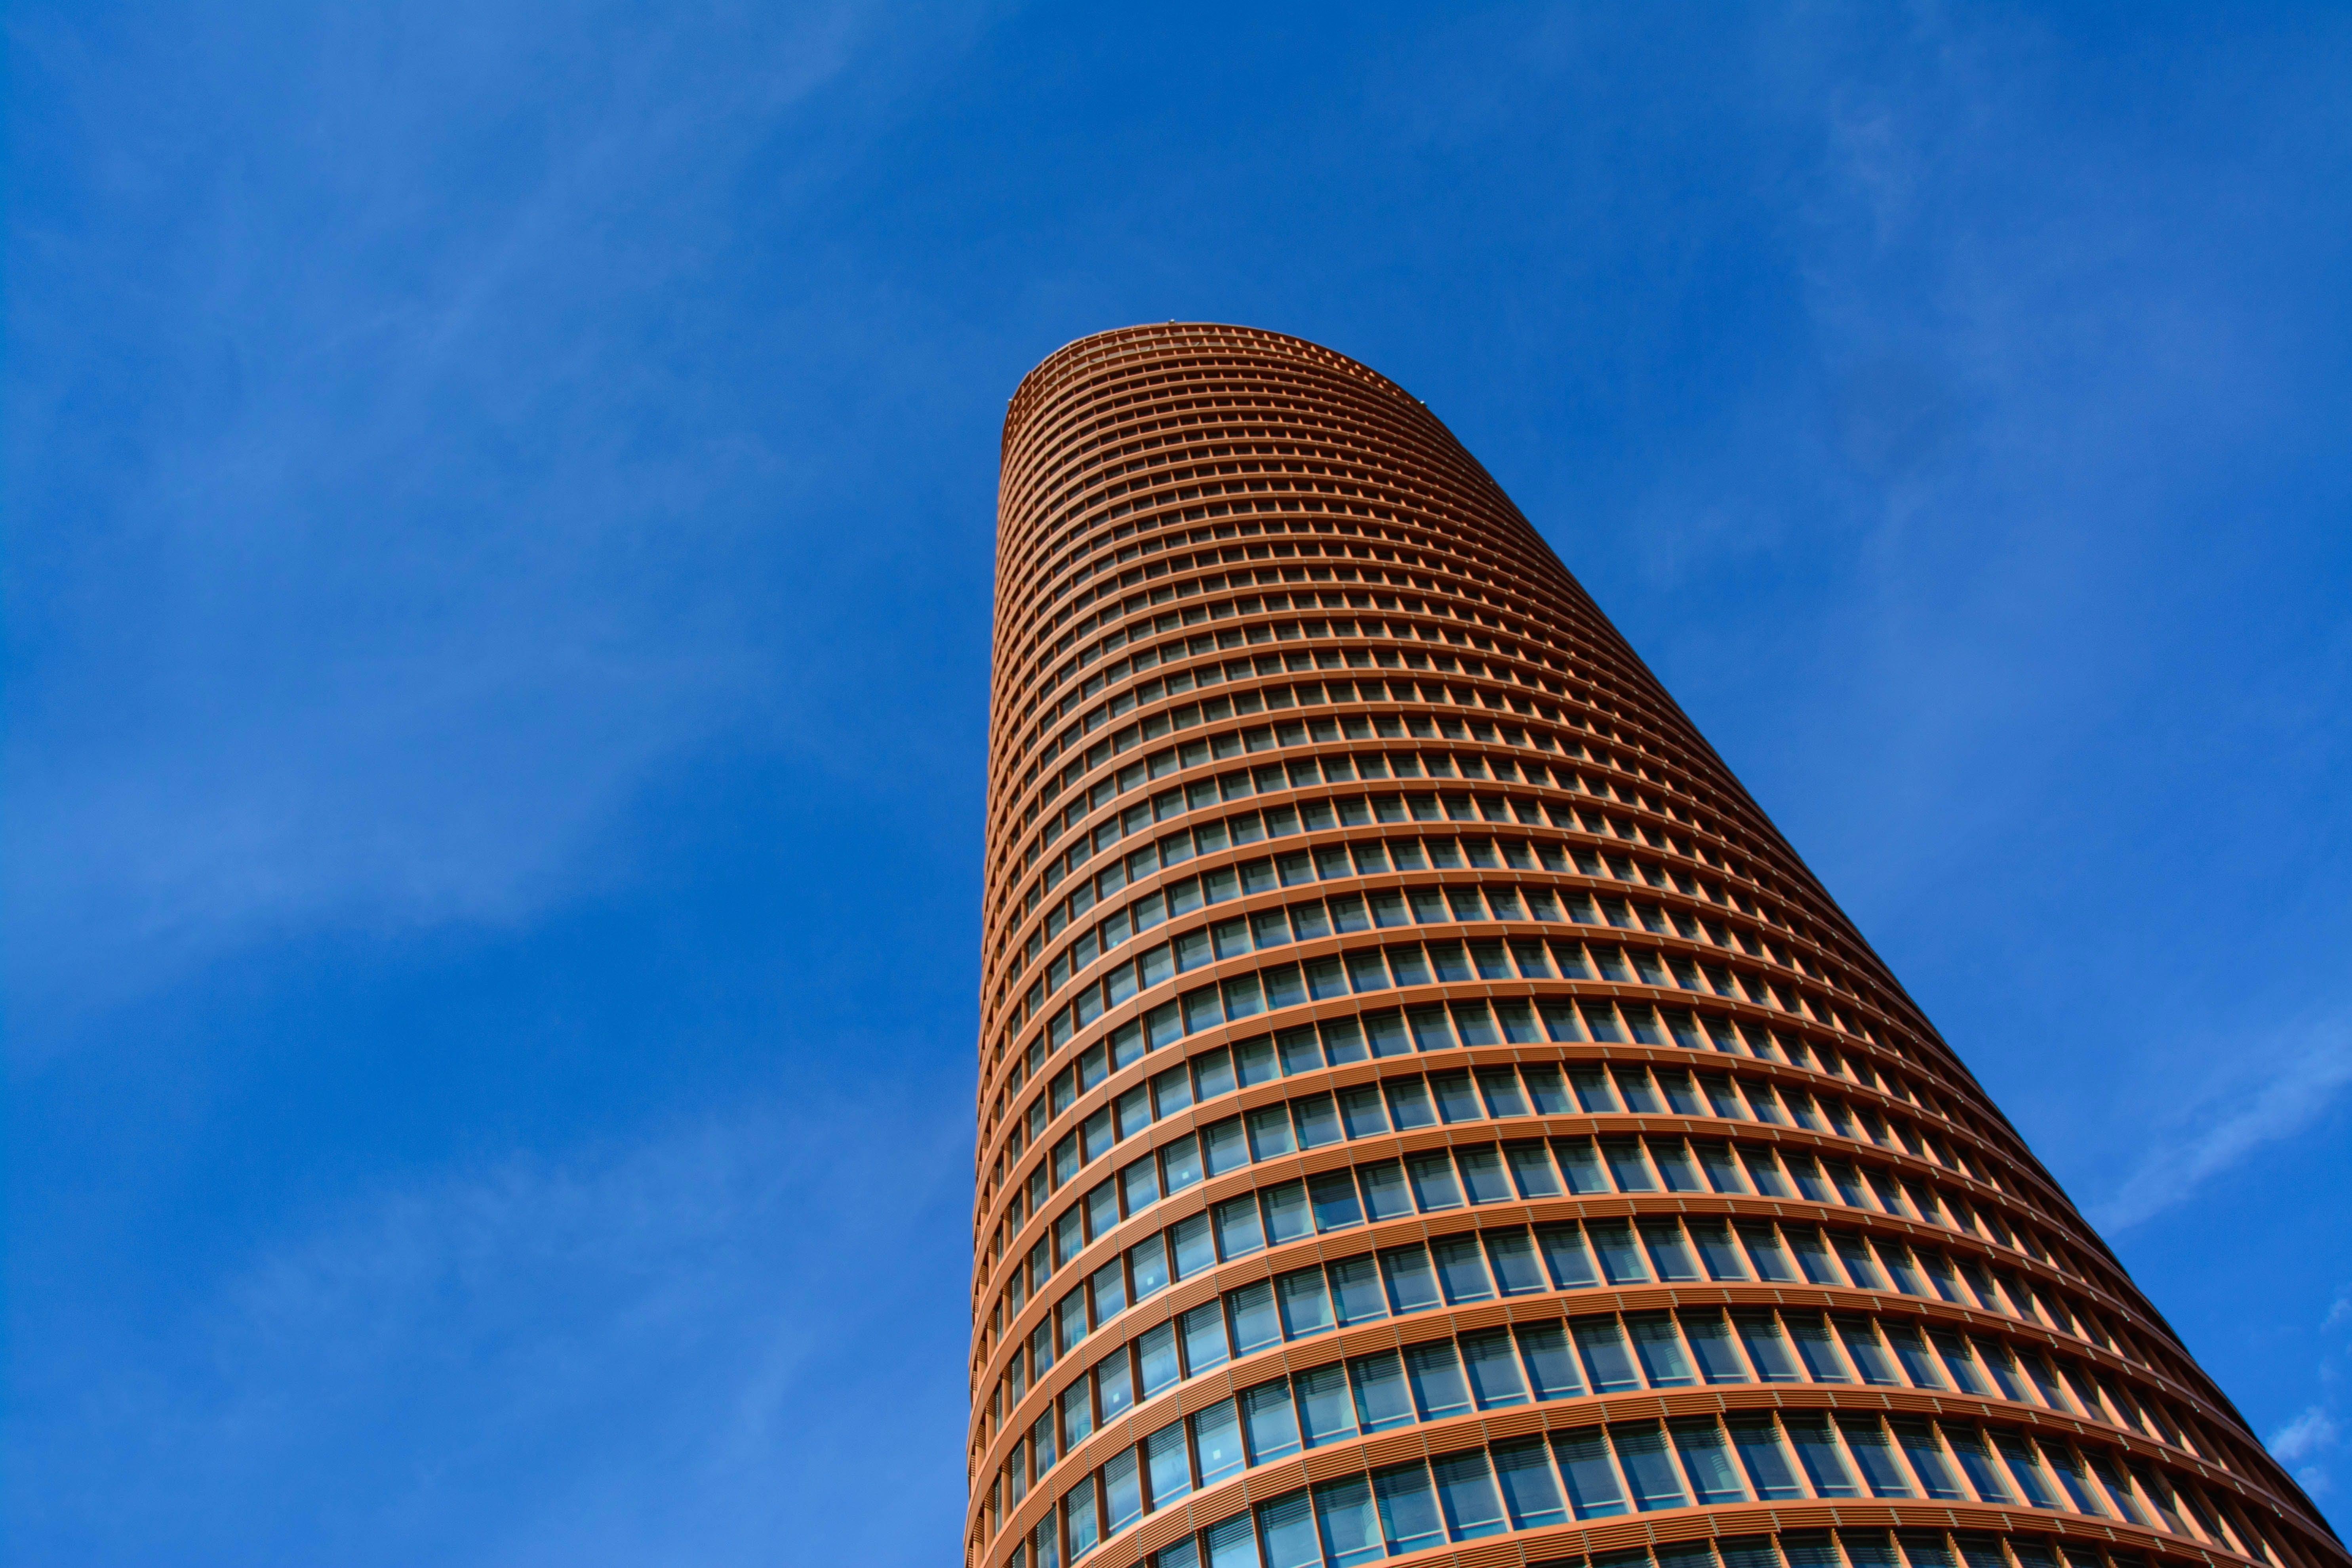 Fotos de stock gratuitas de arquitectura, cielo, edificio, España